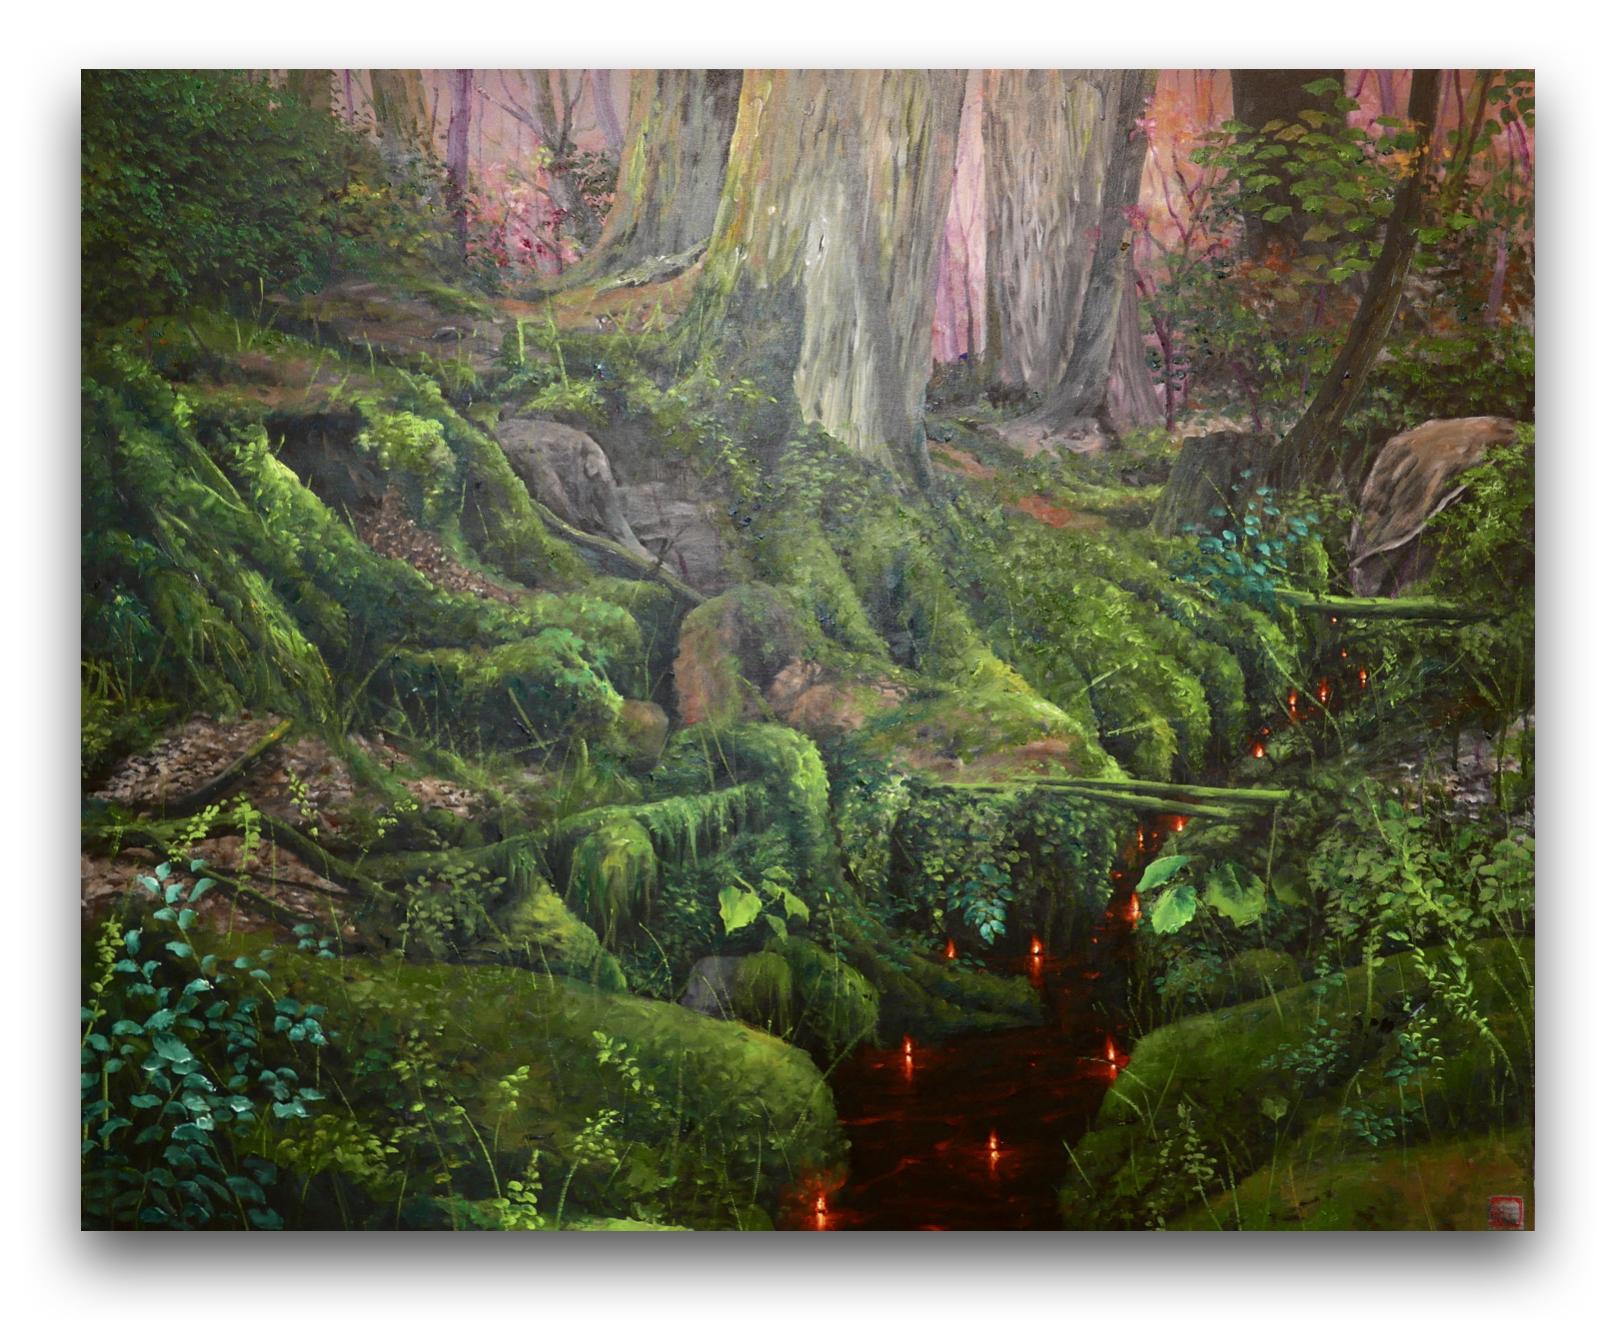 Plamienková krajina (zelená), 80x100 cm, olej na plátne, 2021